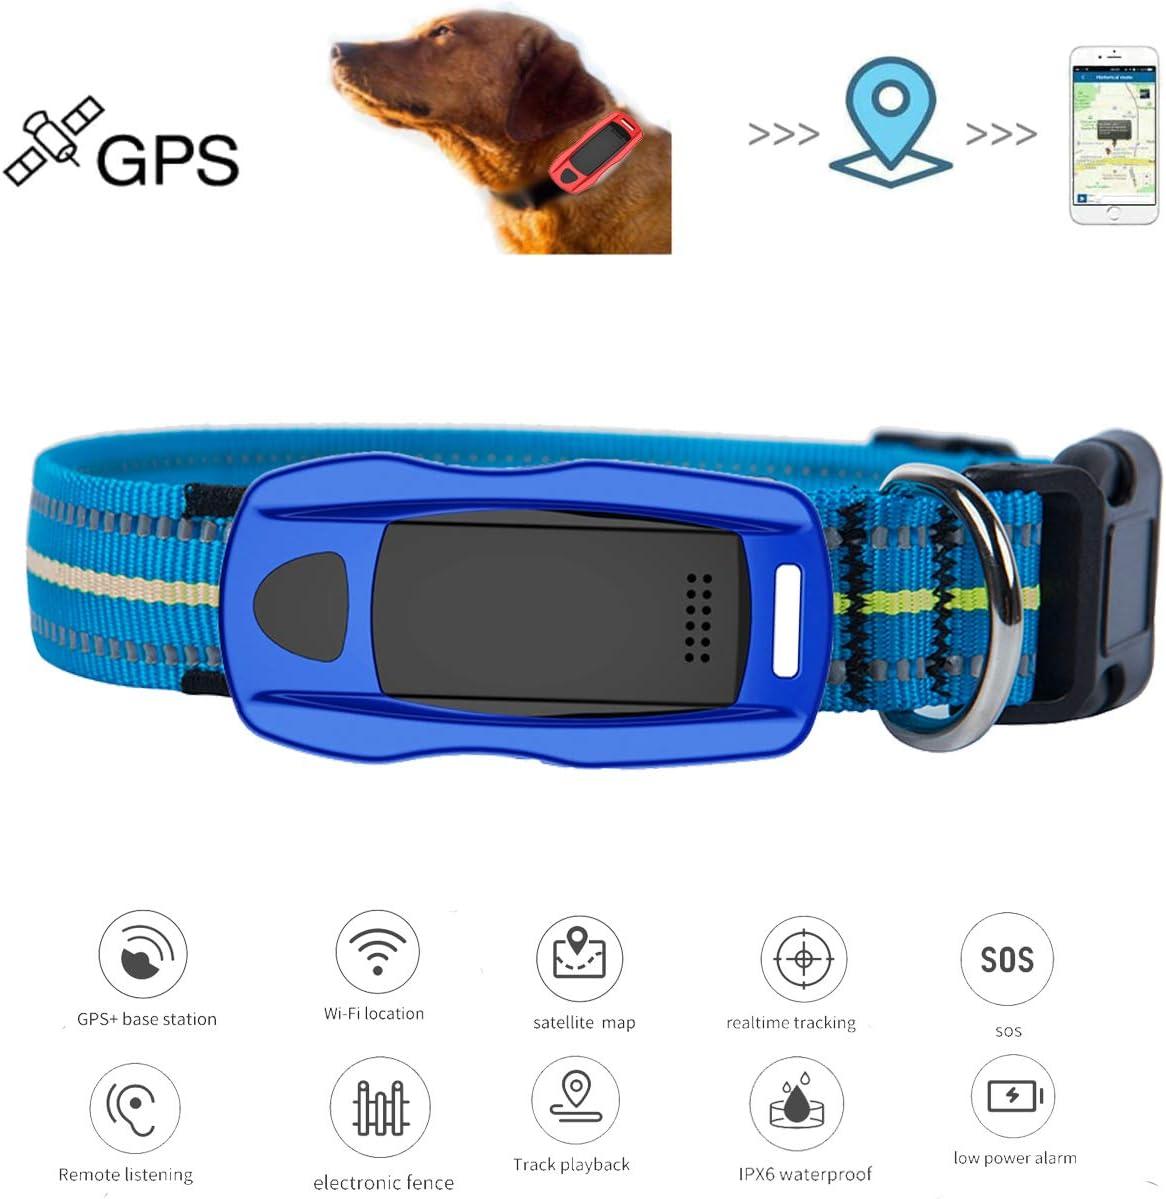 Zeerkeer Localizador de Mascotas, GPS + LBS + WiFi Posicionamiento SOS Cerco Electrónico Localizador de Monitoreo Remoto con App, para Mascotas/Ancianos/Niños (Azul)